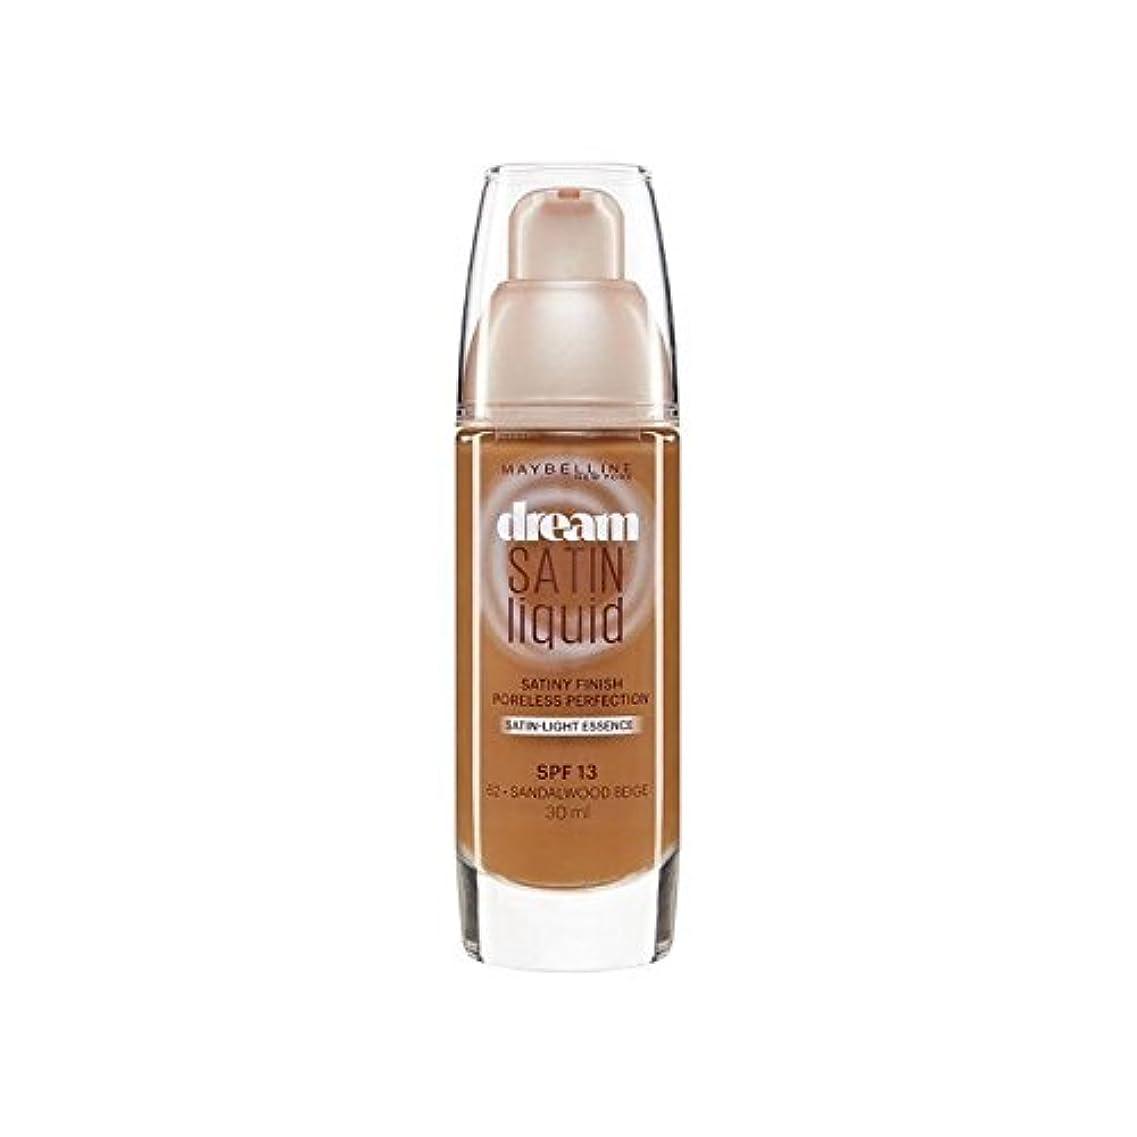 ベッド輸血財産メイベリン夢サテンリキッドファンデーション64深いスパイス30ミリリットル x4 - Maybelline Dream Satin Liquid Foundation 64 Deep Spice 30ml (Pack of 4) [並行輸入品]